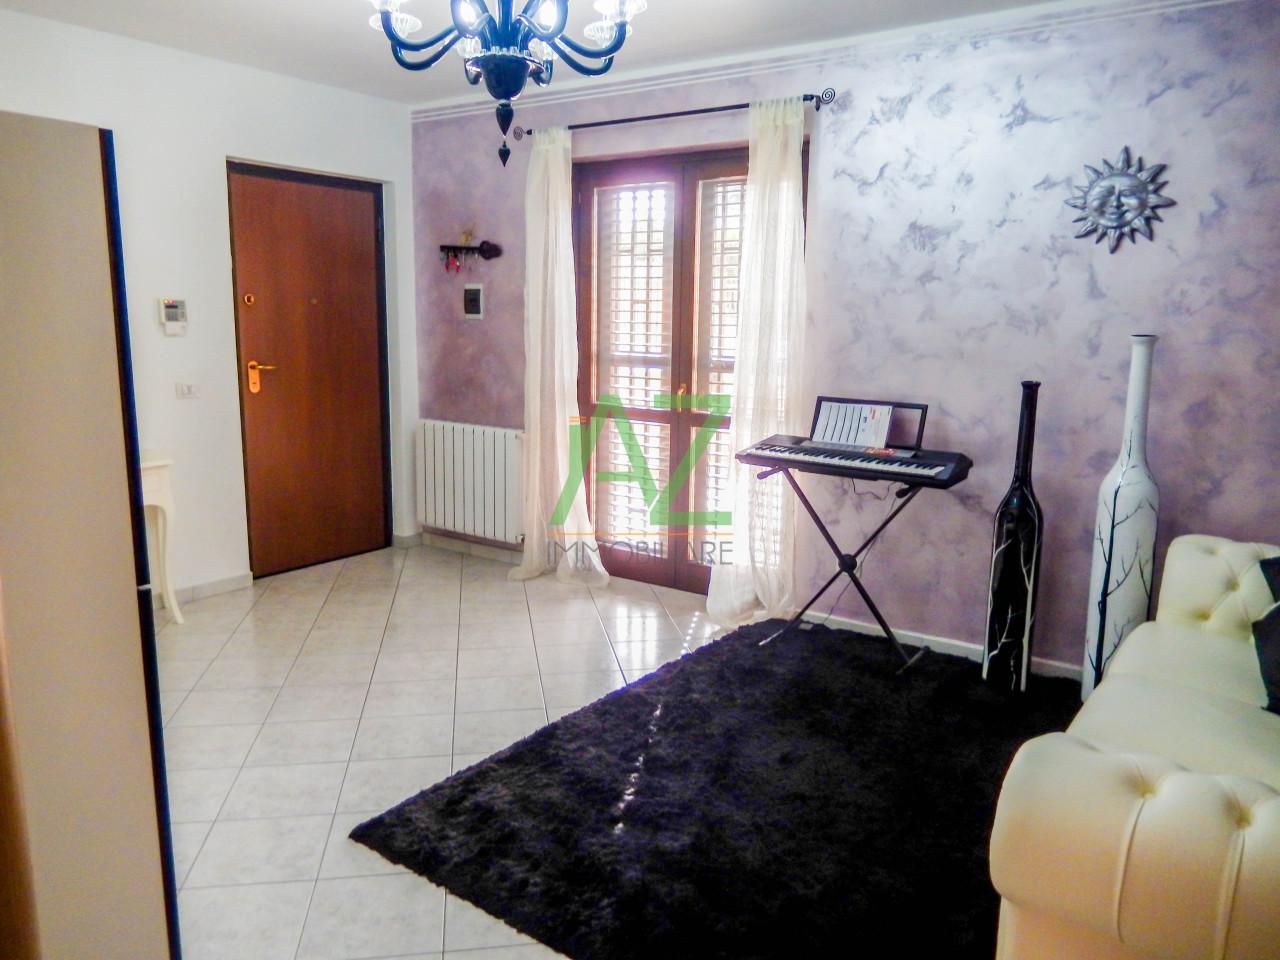 Appartamento in vendita a Valverde, 4 locali, prezzo € 200.000 | Cambio Casa.it